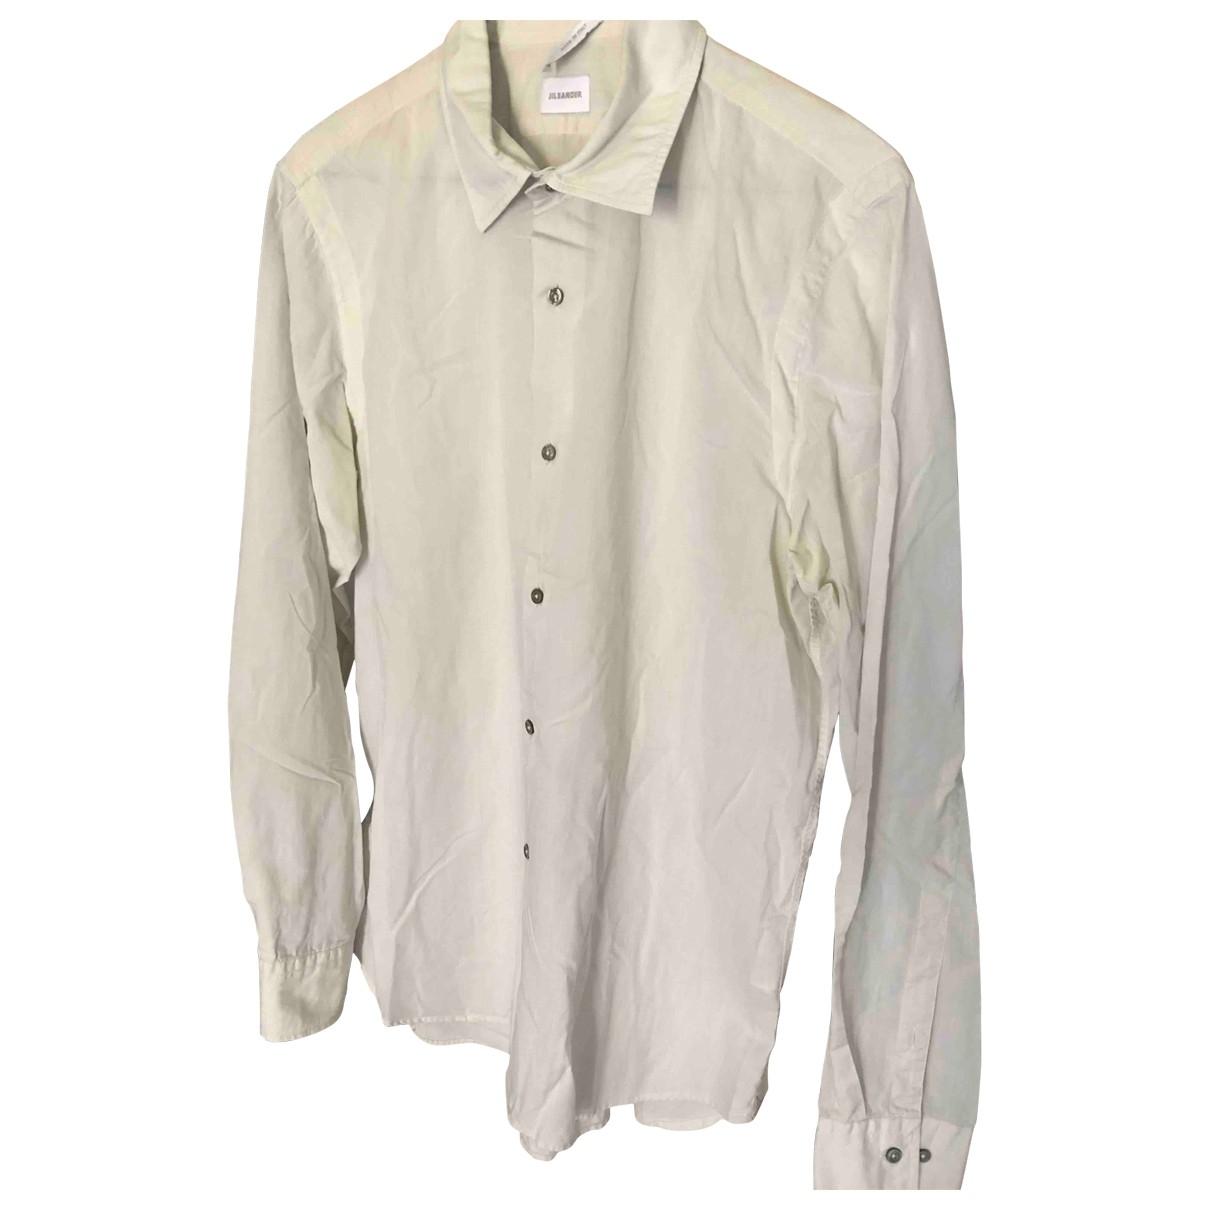 Camisas Jil Sander